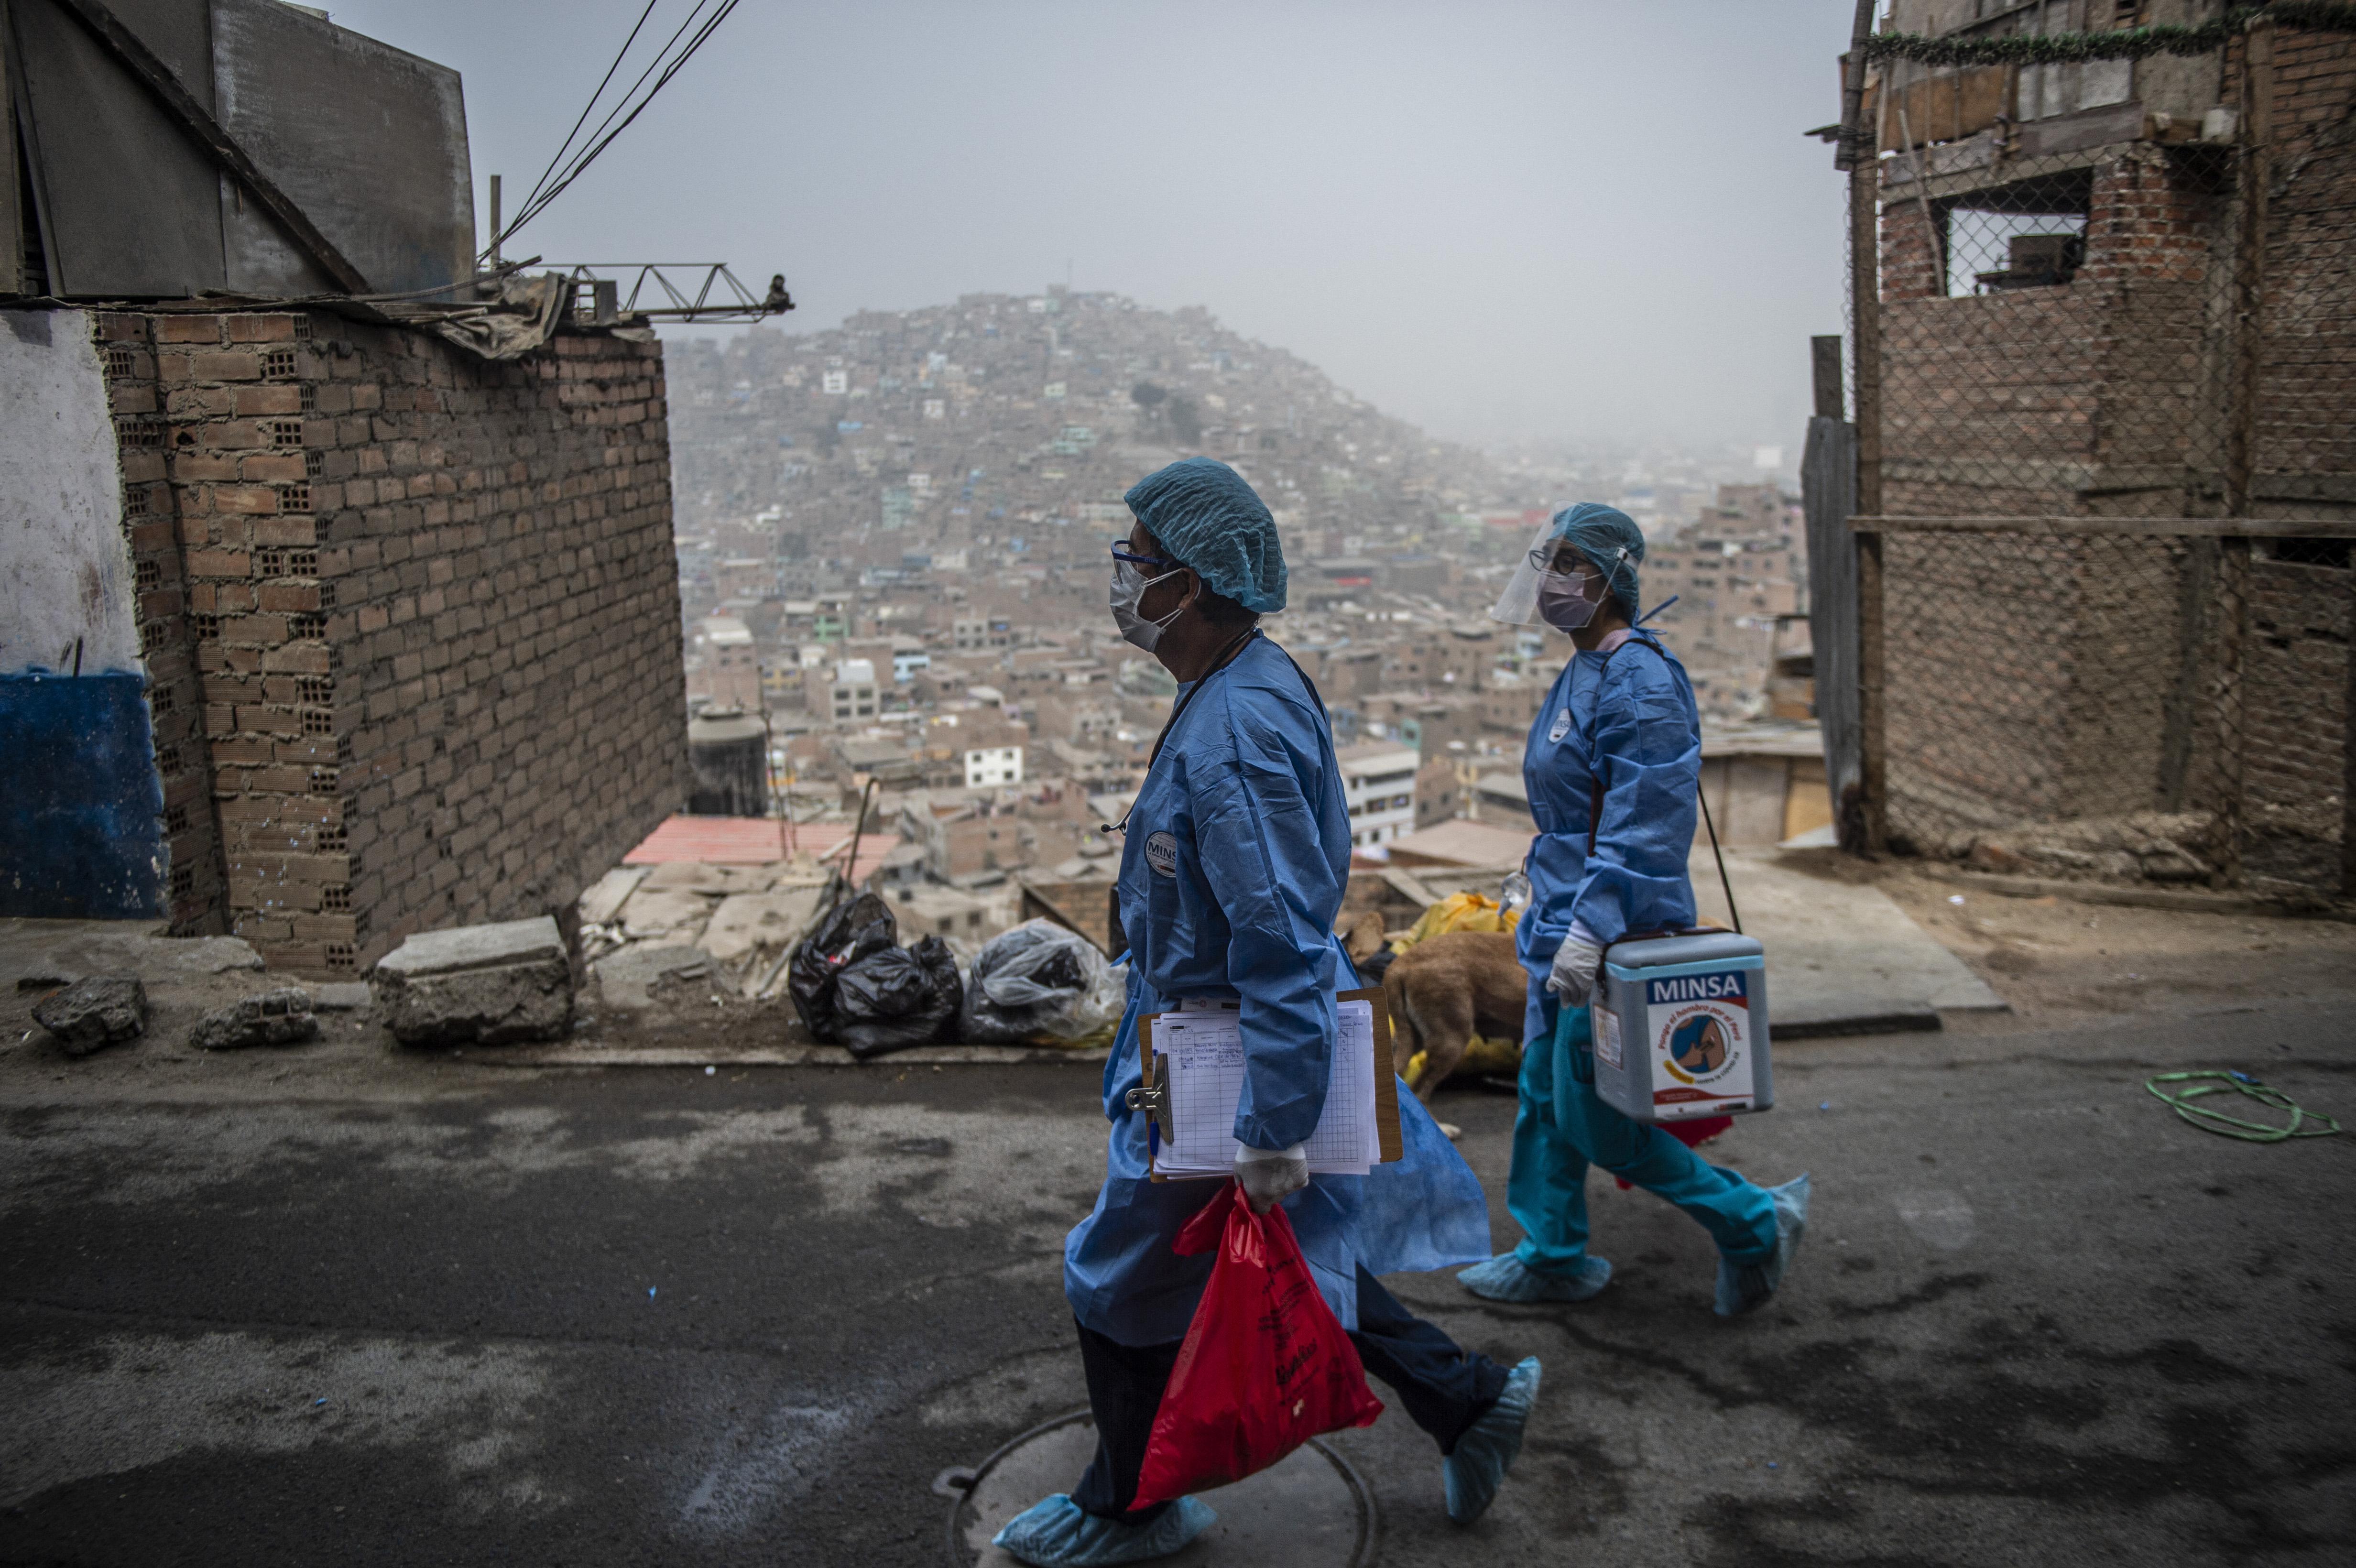 Annyira súlyos a járványhelyzet Peruban, hogy elfogynak a szabad sírhelyek